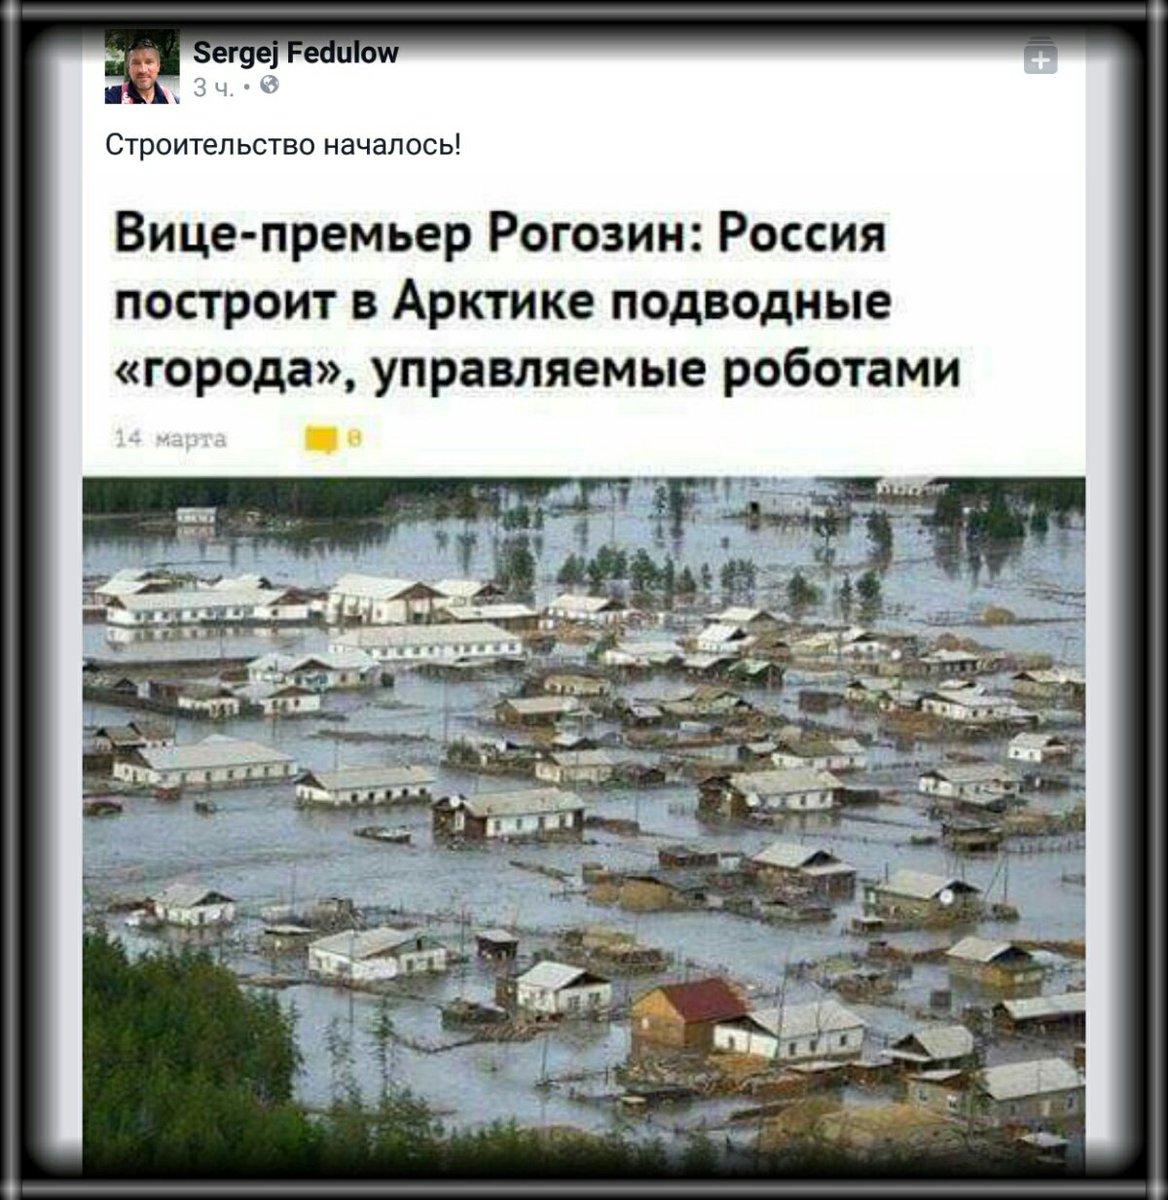 """У террористов на Донбассе зафиксирован 51 танк, 57 артиллерийских систем, 36 """"Градов"""", - Минобороны Украины - Цензор.НЕТ 669"""